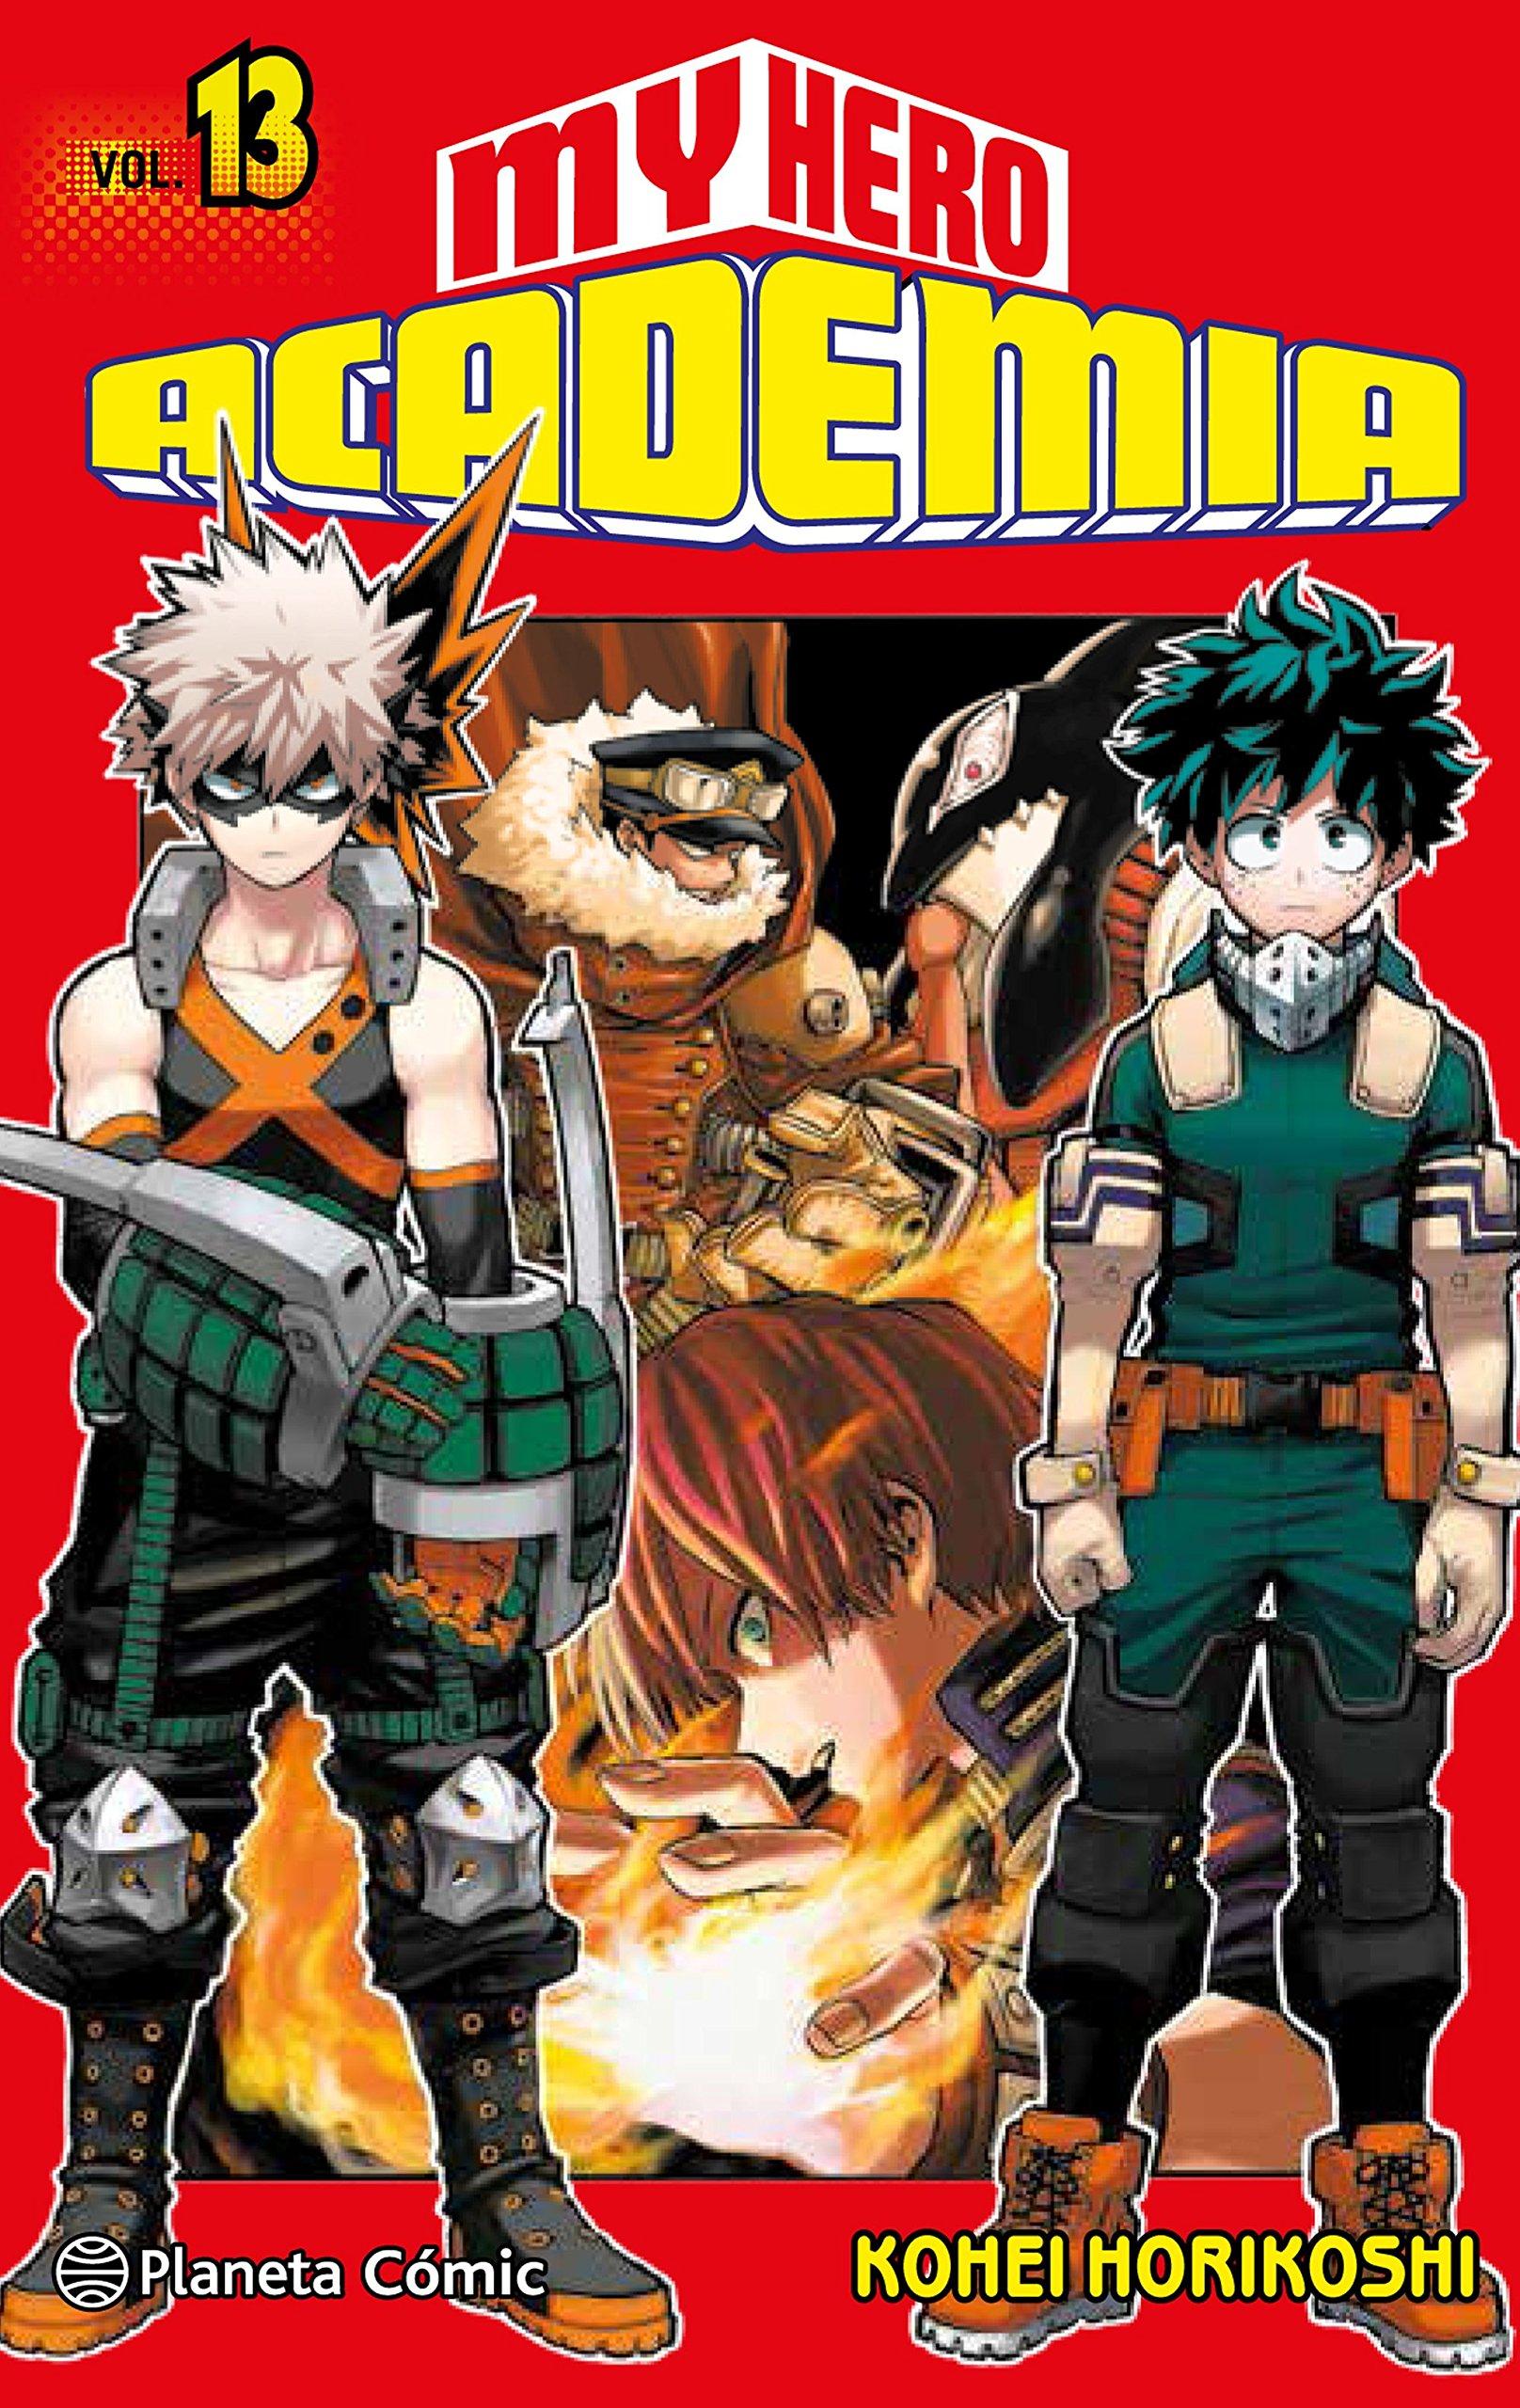 My Hero Academia nº 13 (Manga Shonen) Tapa blanda – 16 oct 2018 Kohei Horikoshi Daruma Planeta DeAgostini Cómics 8491468552